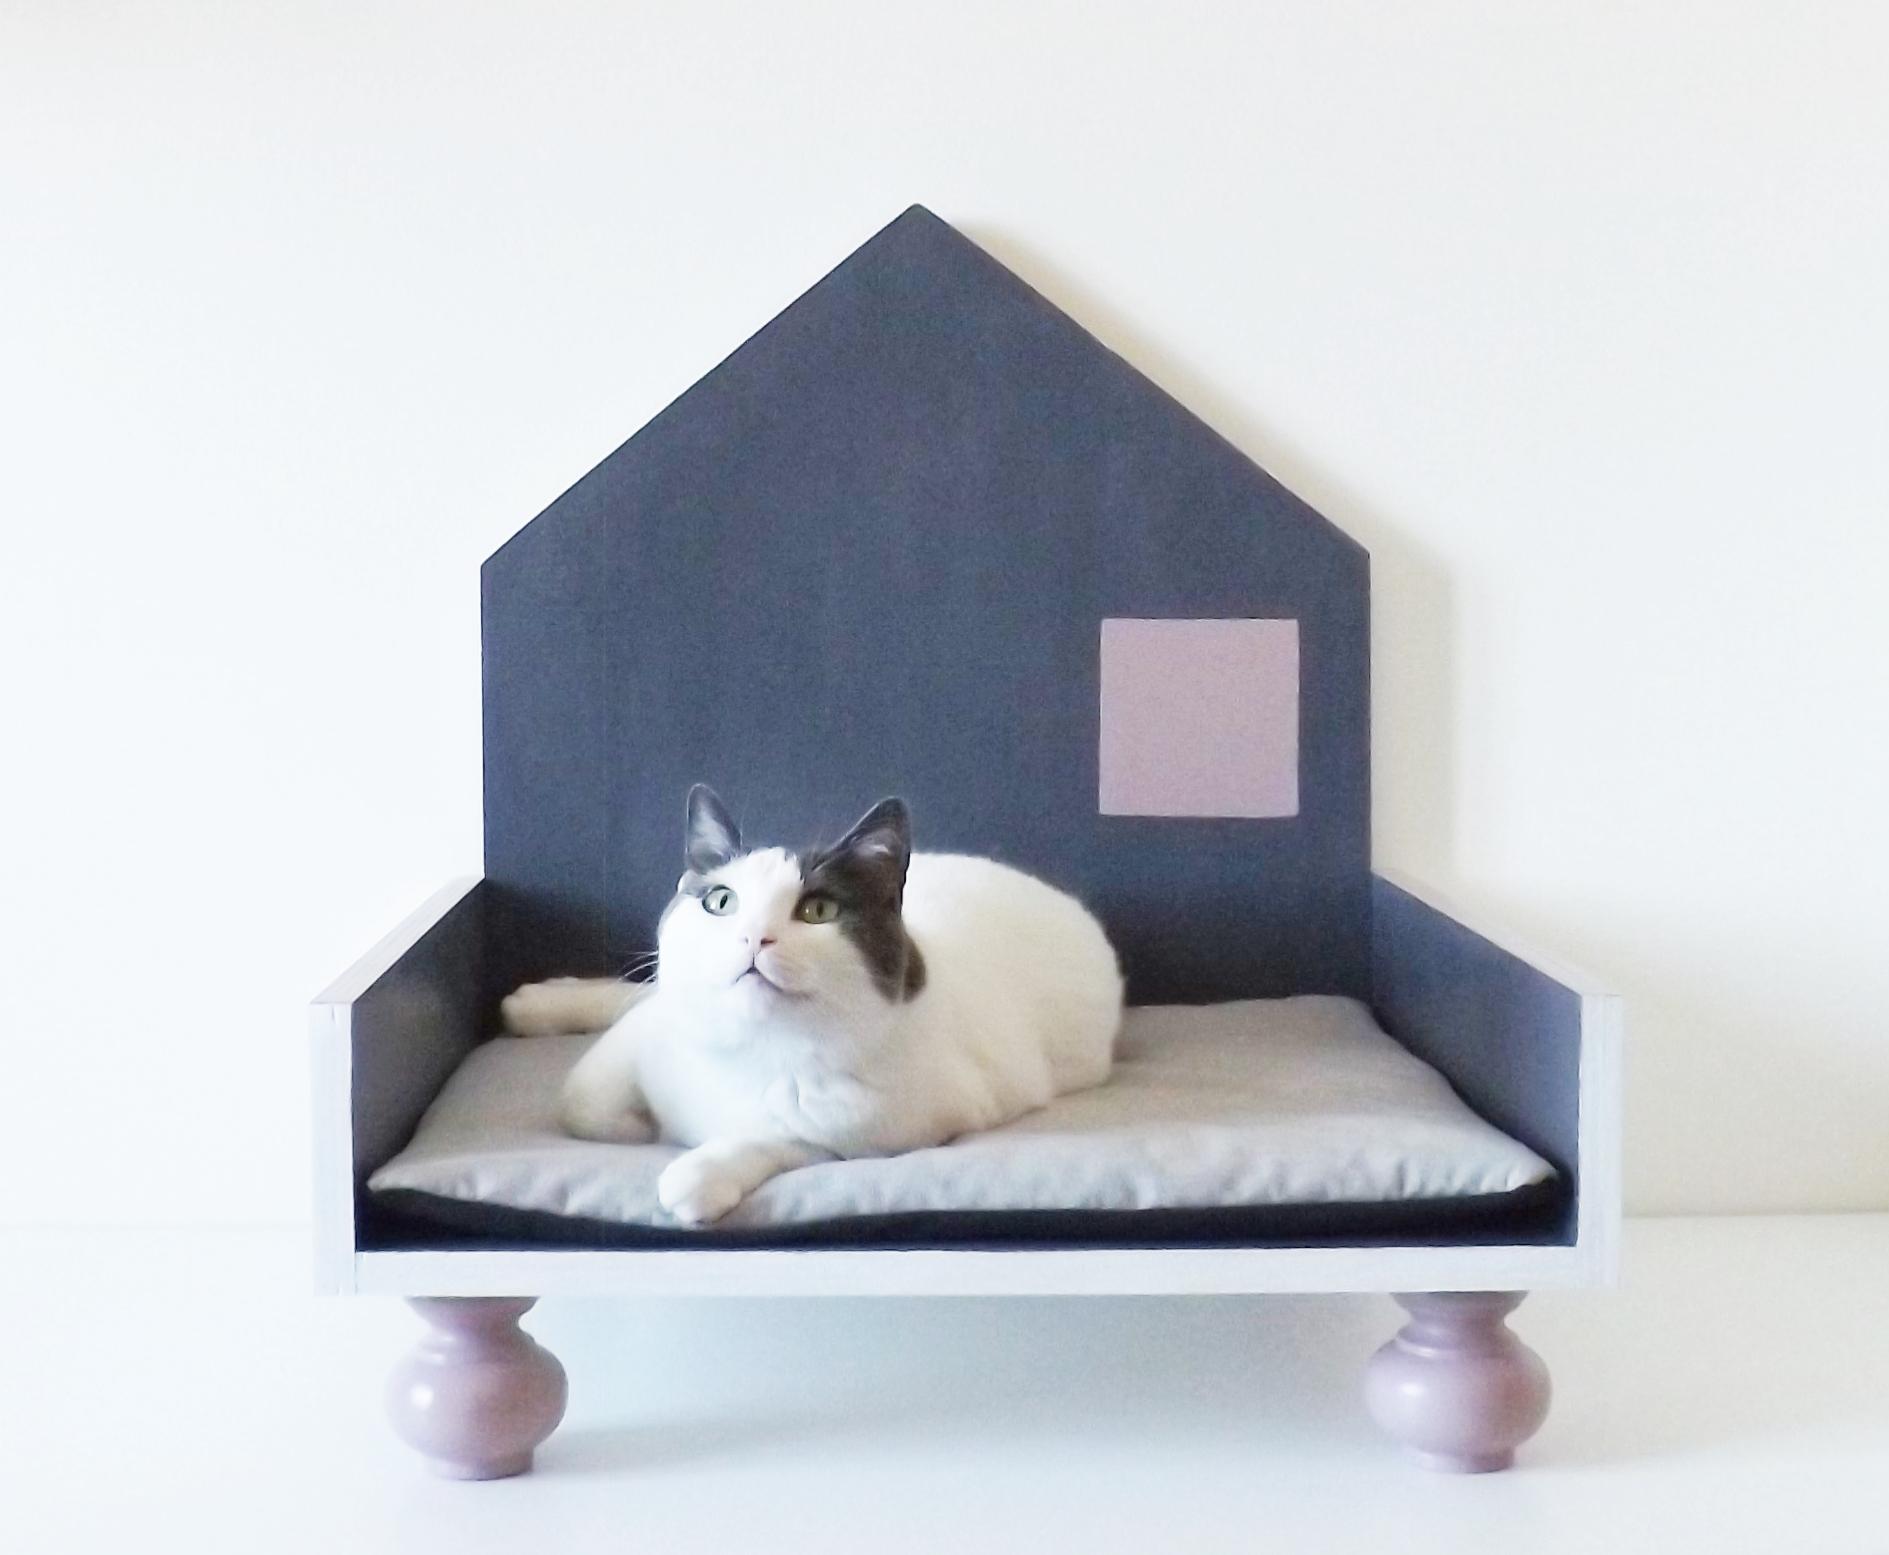 Cucce Design Per Cani cuccia di design in legno per gatti e cani di taglia piccola _ color grigio  antracite, rosa cipria e bianco